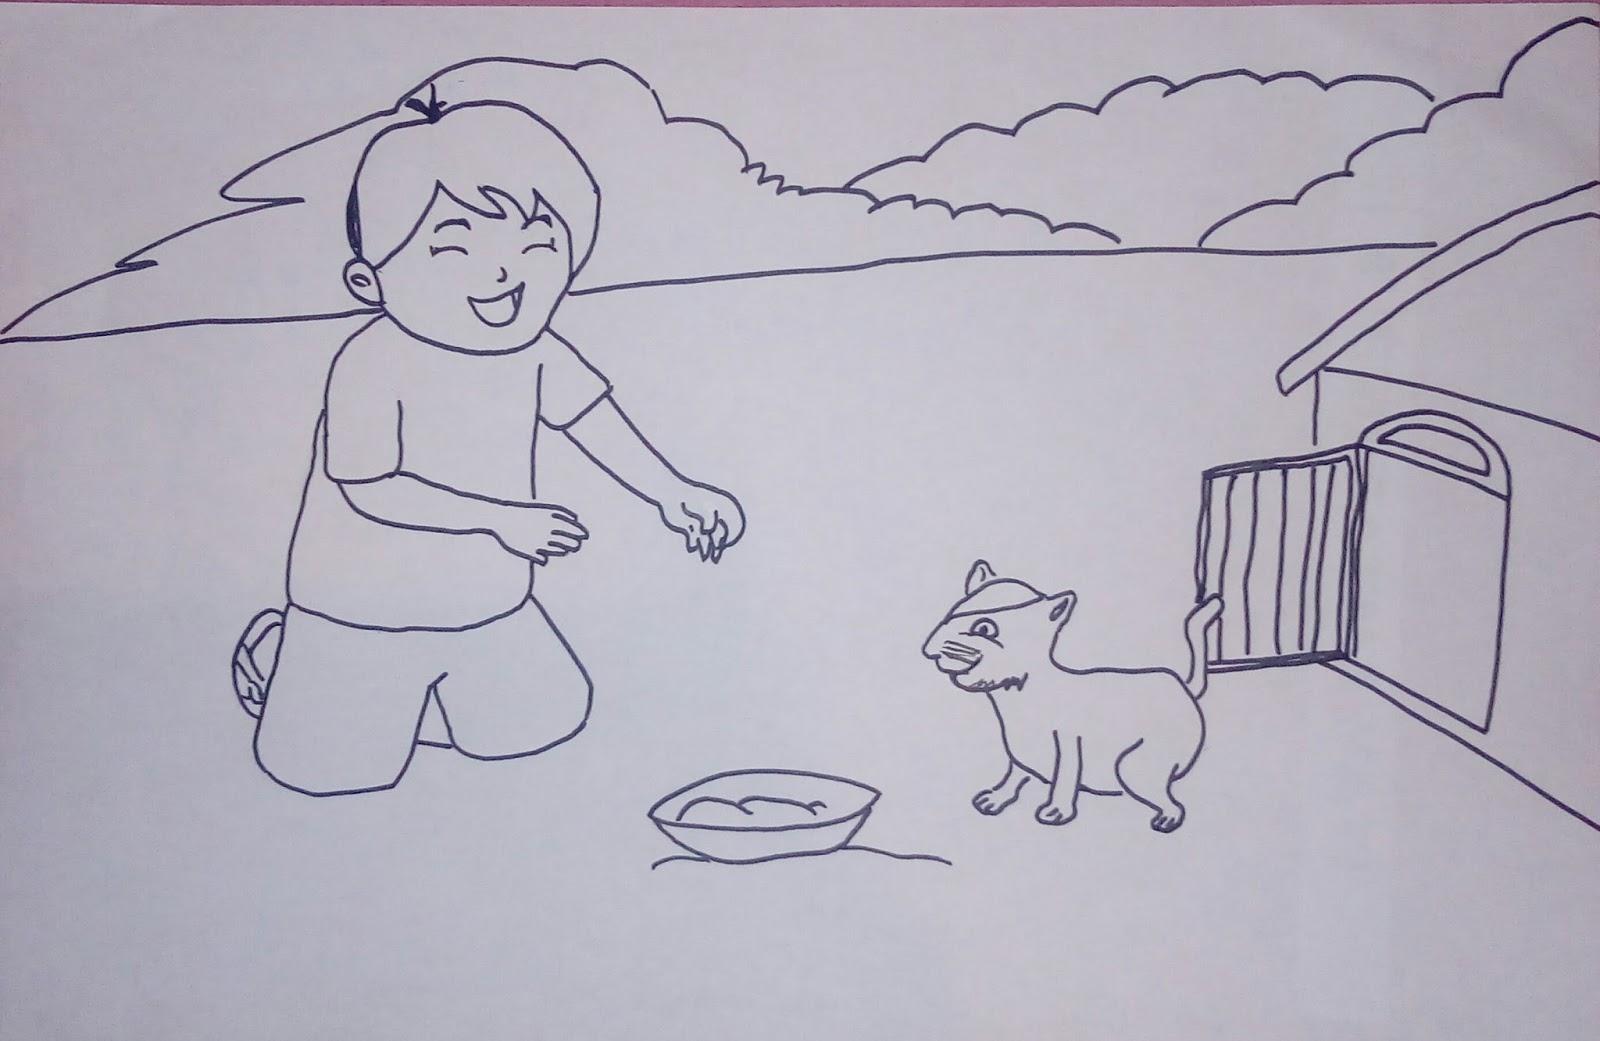 apa ya aku mengambil untuk bercerita sambil memperlihatkan gambar anak sedang memberi makan kucing peliharaannya Gambar itu seperti berikut